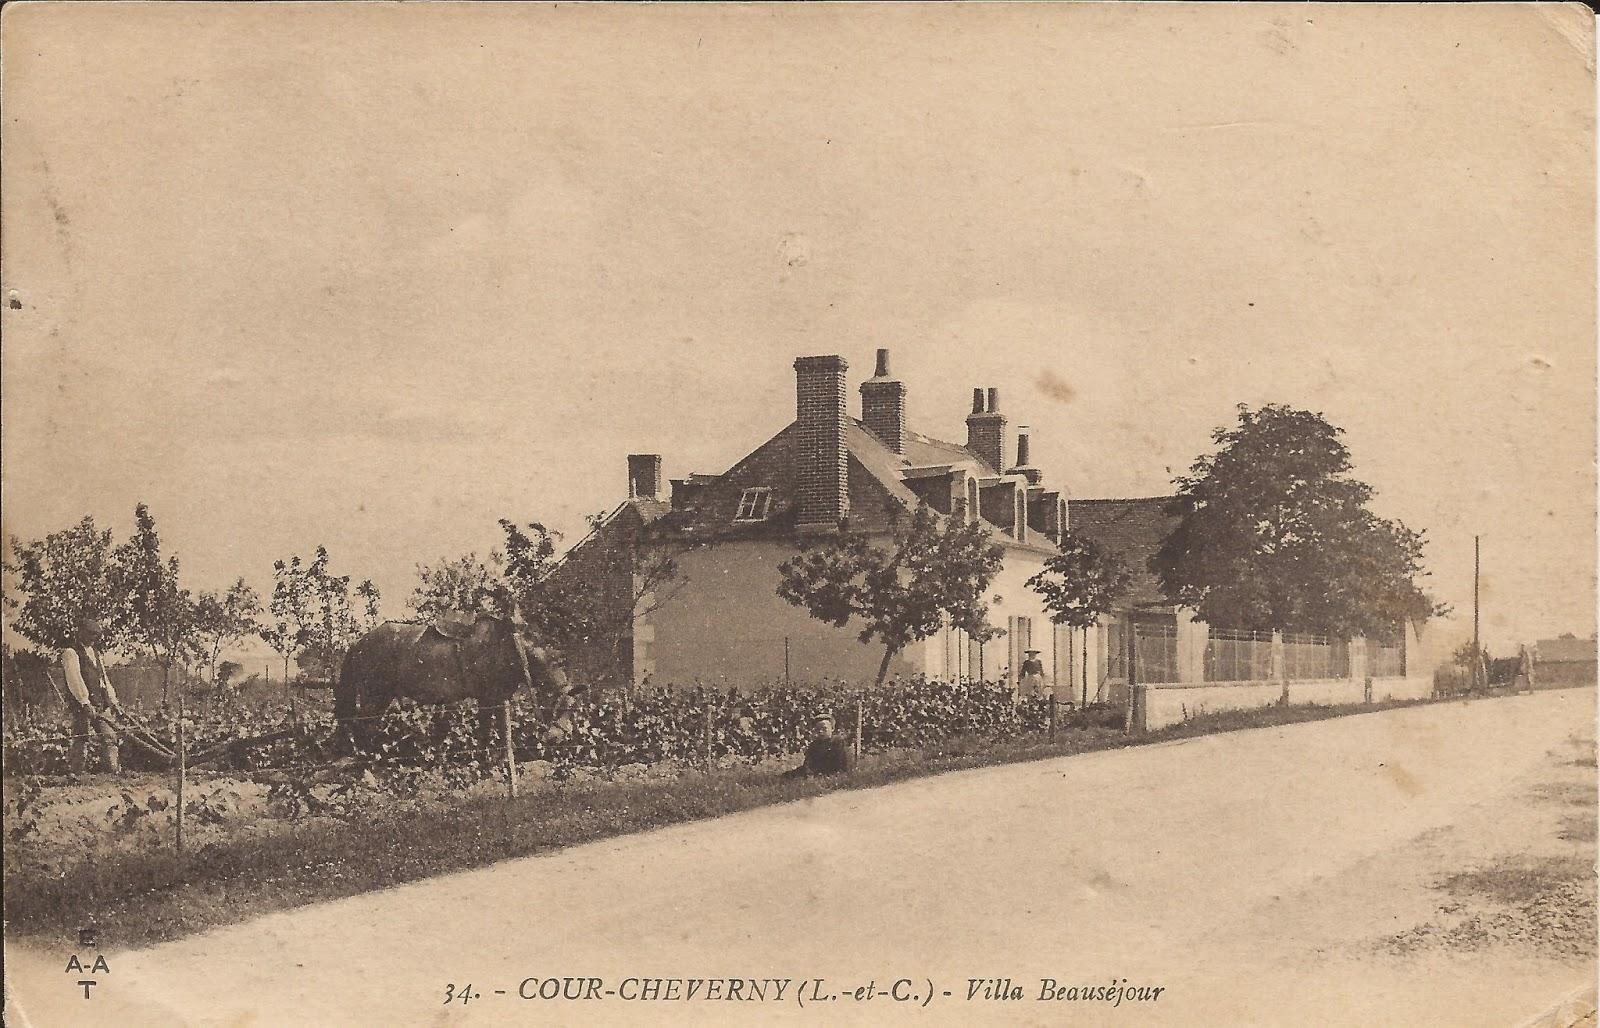 Villa Beauséjour - Cour-Cheverny